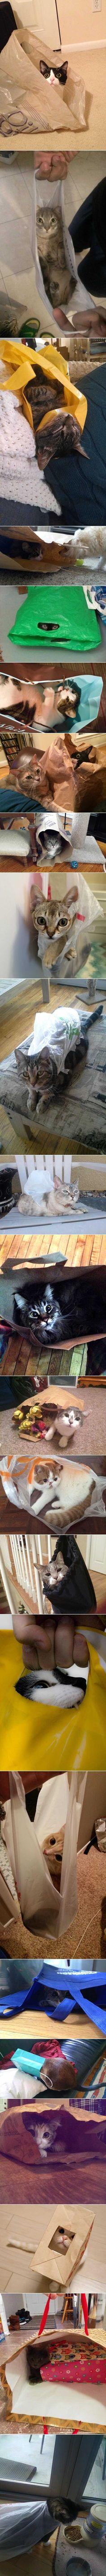 Katzen und ihr liebstes Spielzeug. Tüten. | Webfail - Fail Pictures and Fail Videos